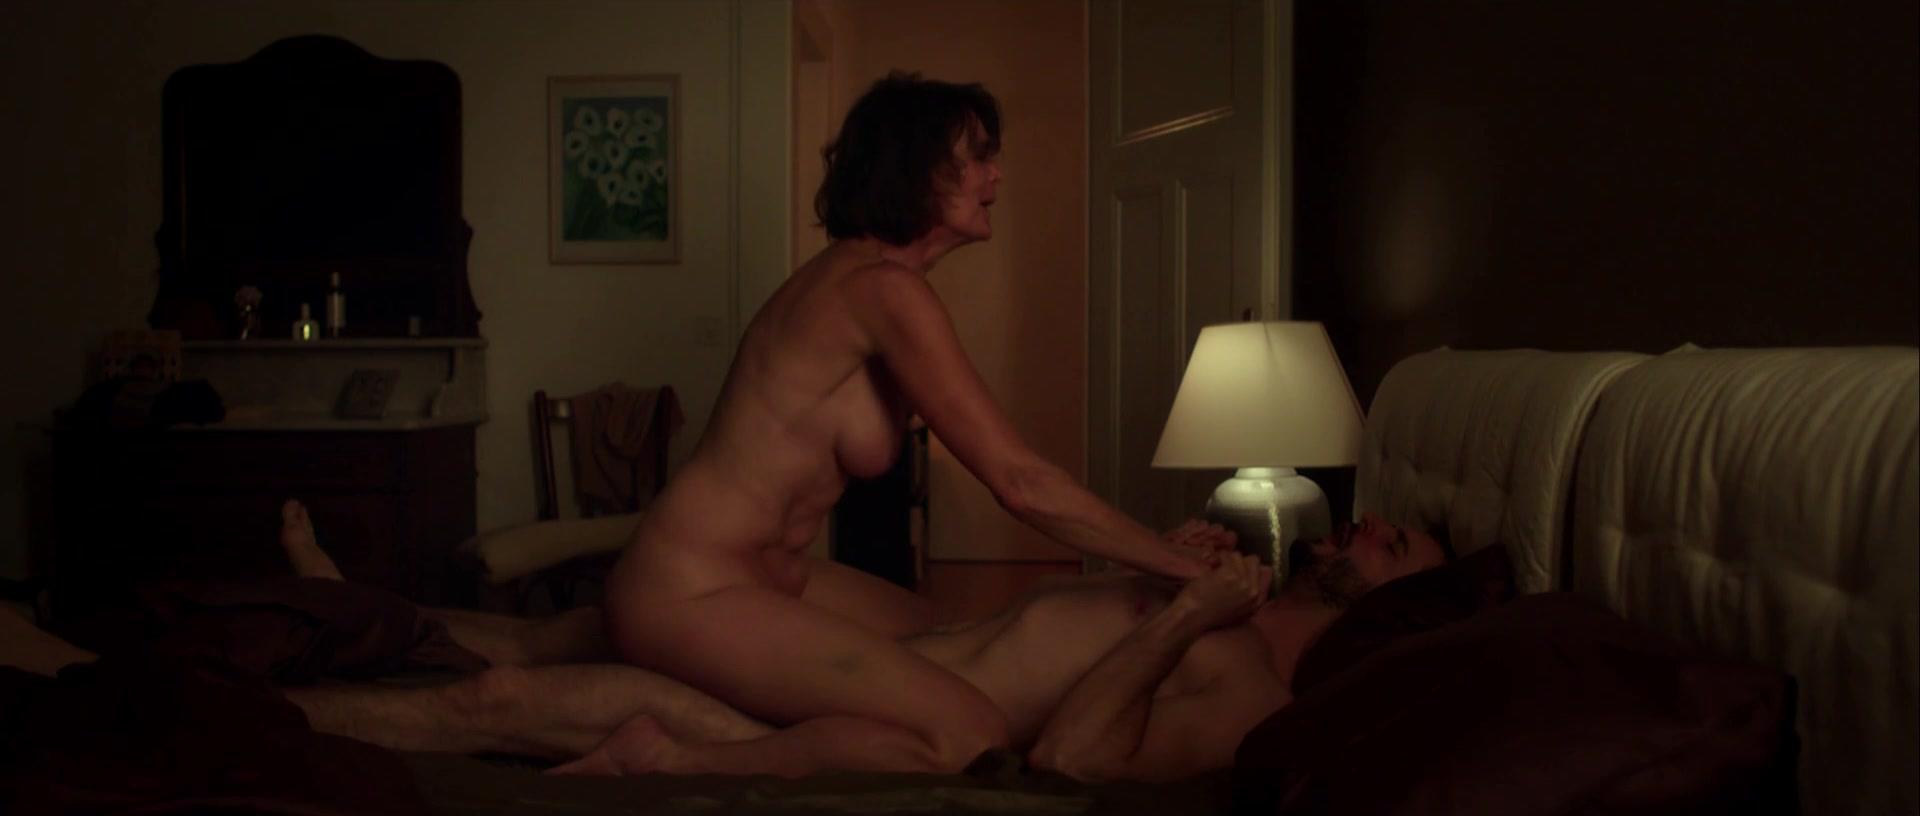 Gordon nackt Virginia  Elizabeth Taylor's